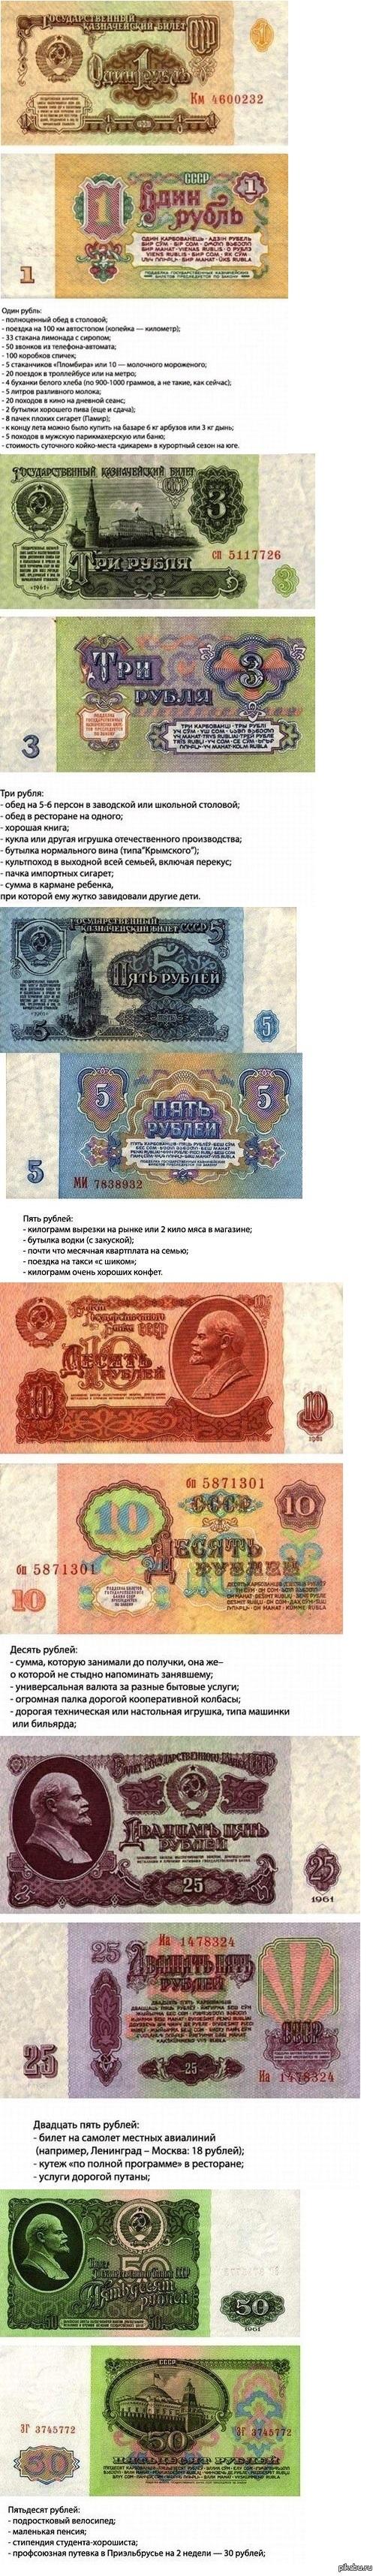 Давайте просто сравним относительную стоимость некоторых товаров в СССР? Например студент мог на 2 стипендии прилететь из Питера в Москву, оттянуться там нехило (рестораны, проститутки) и улететь обратно=)